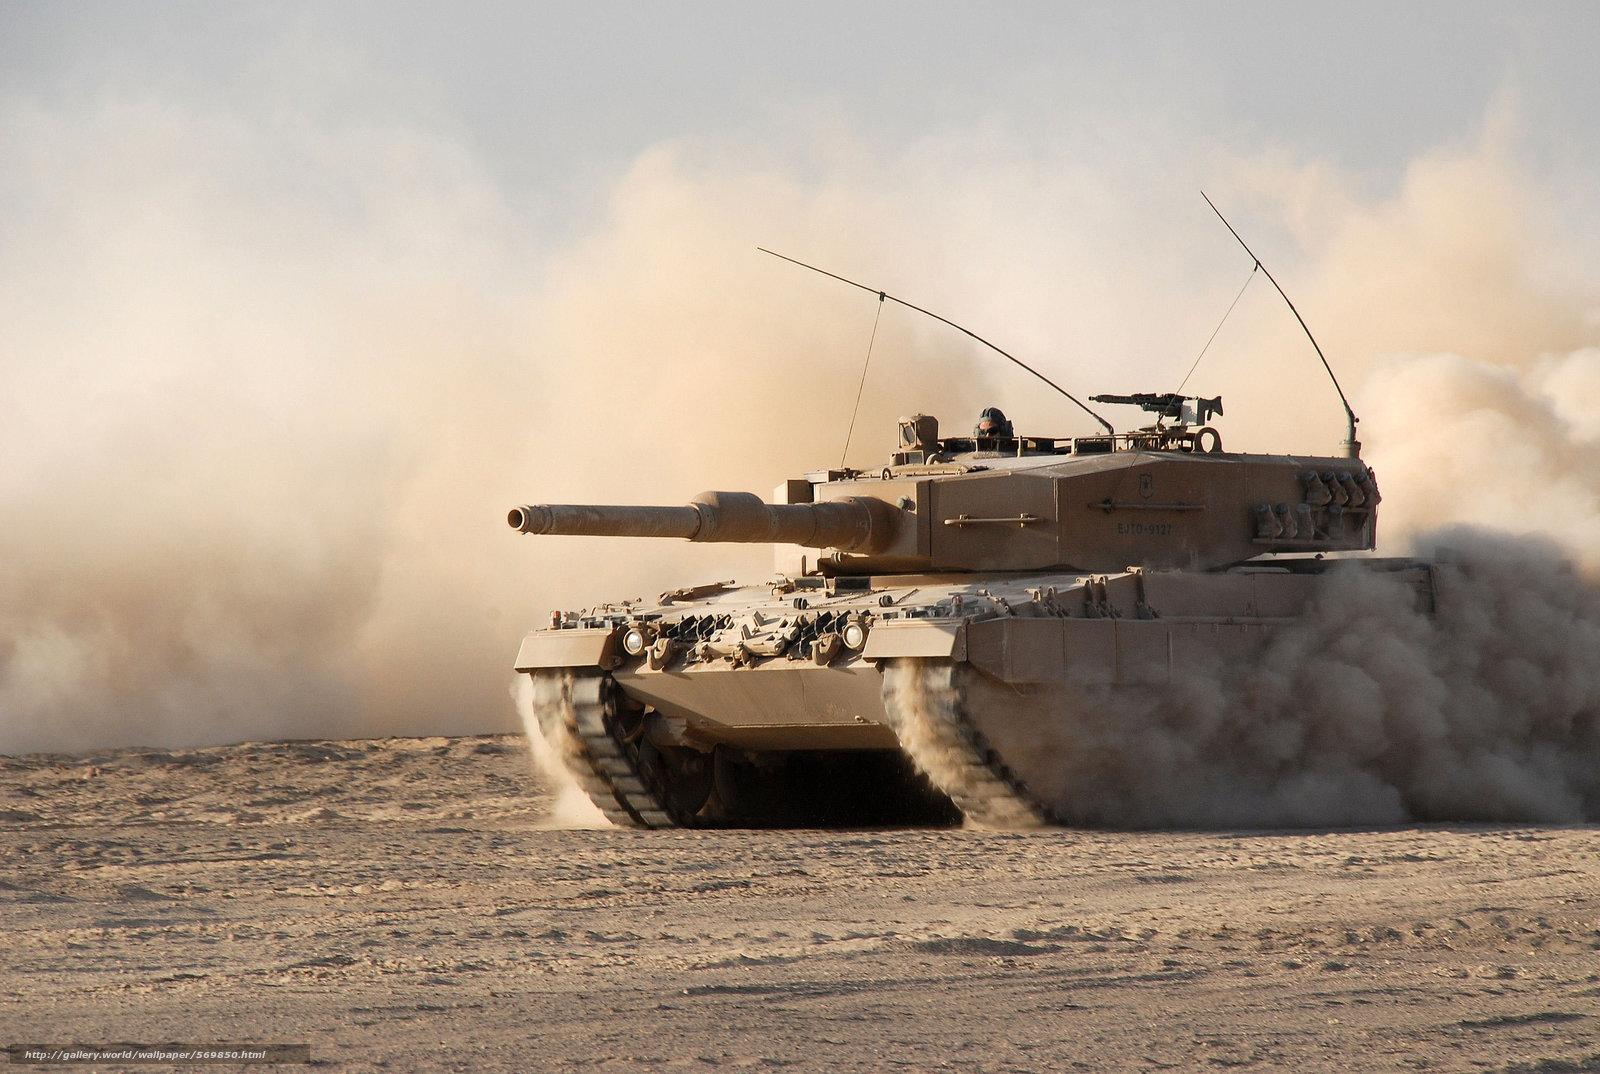 Скачать обои боевой,  бронетехника,  танк,  пыль бесплатно для рабочего стола в разрешении 2896x1944 — картинка №569850